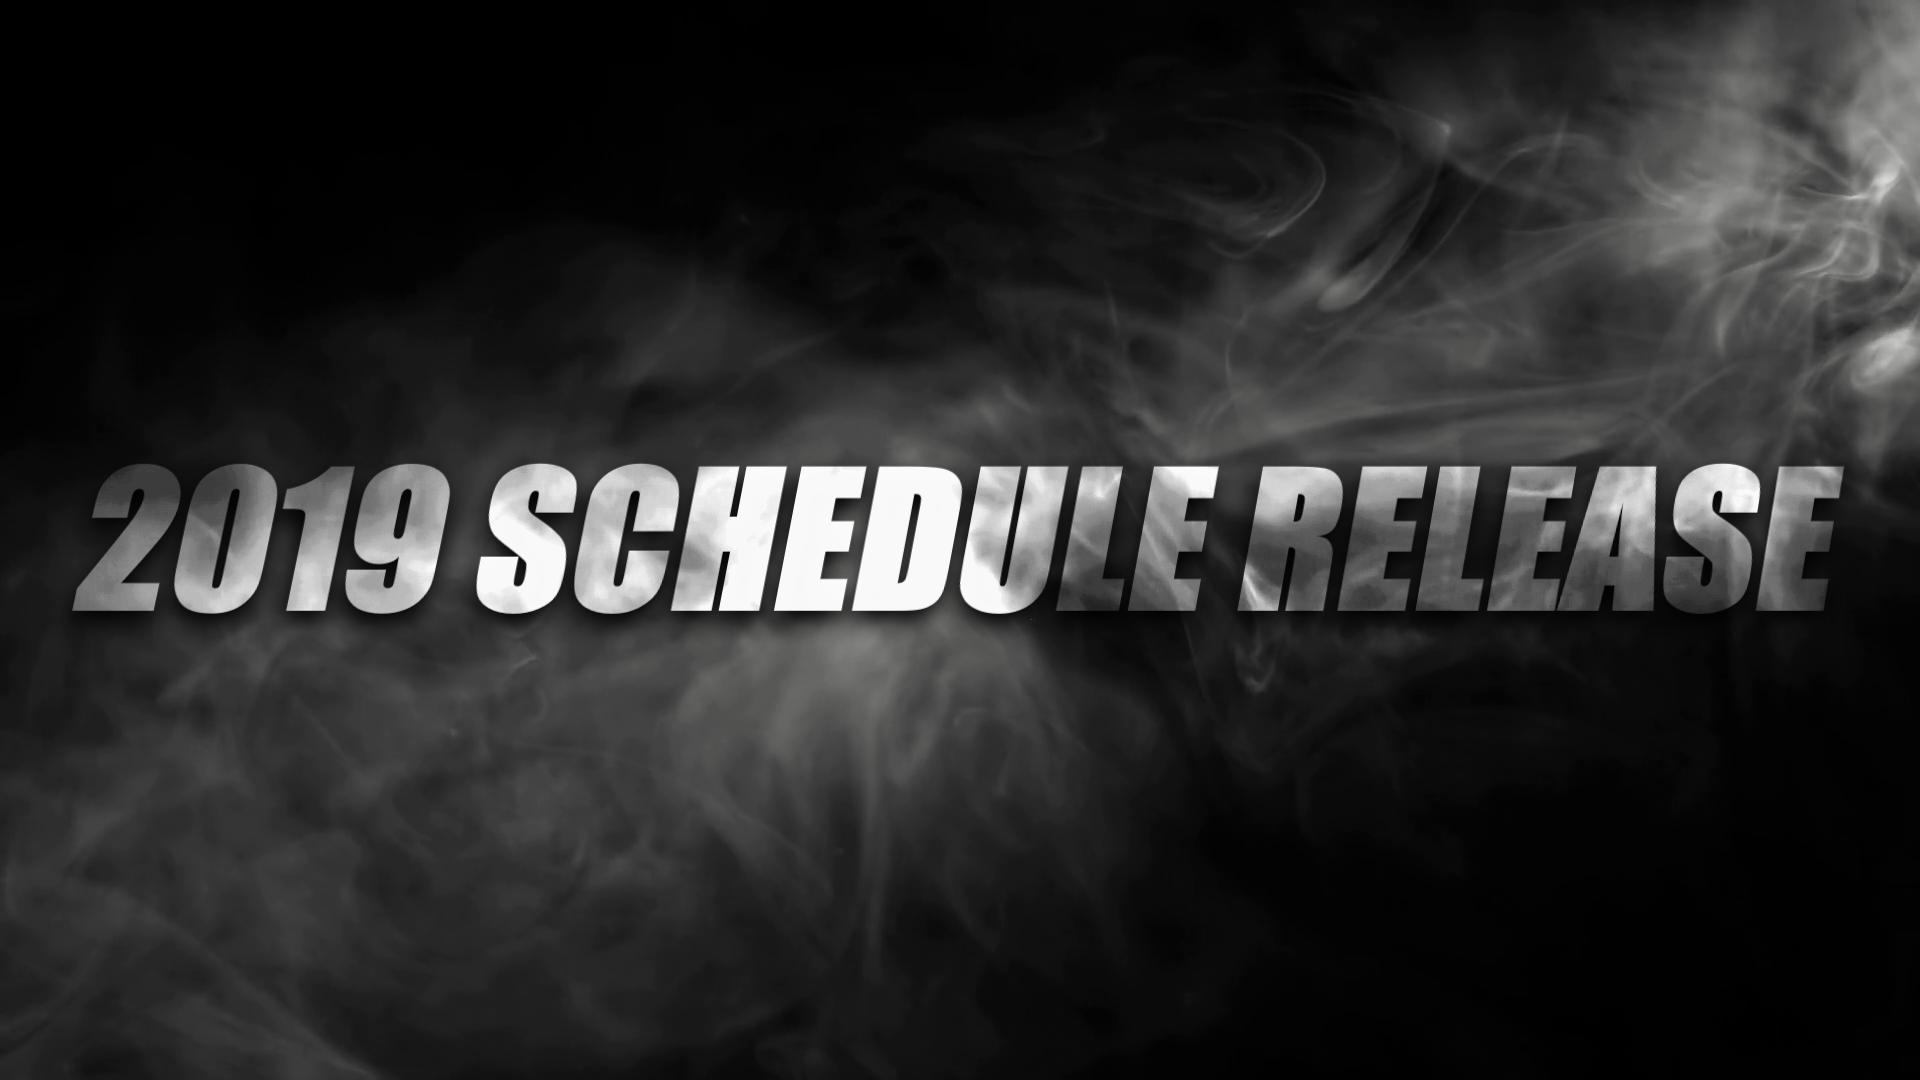 2019 Schedule Release